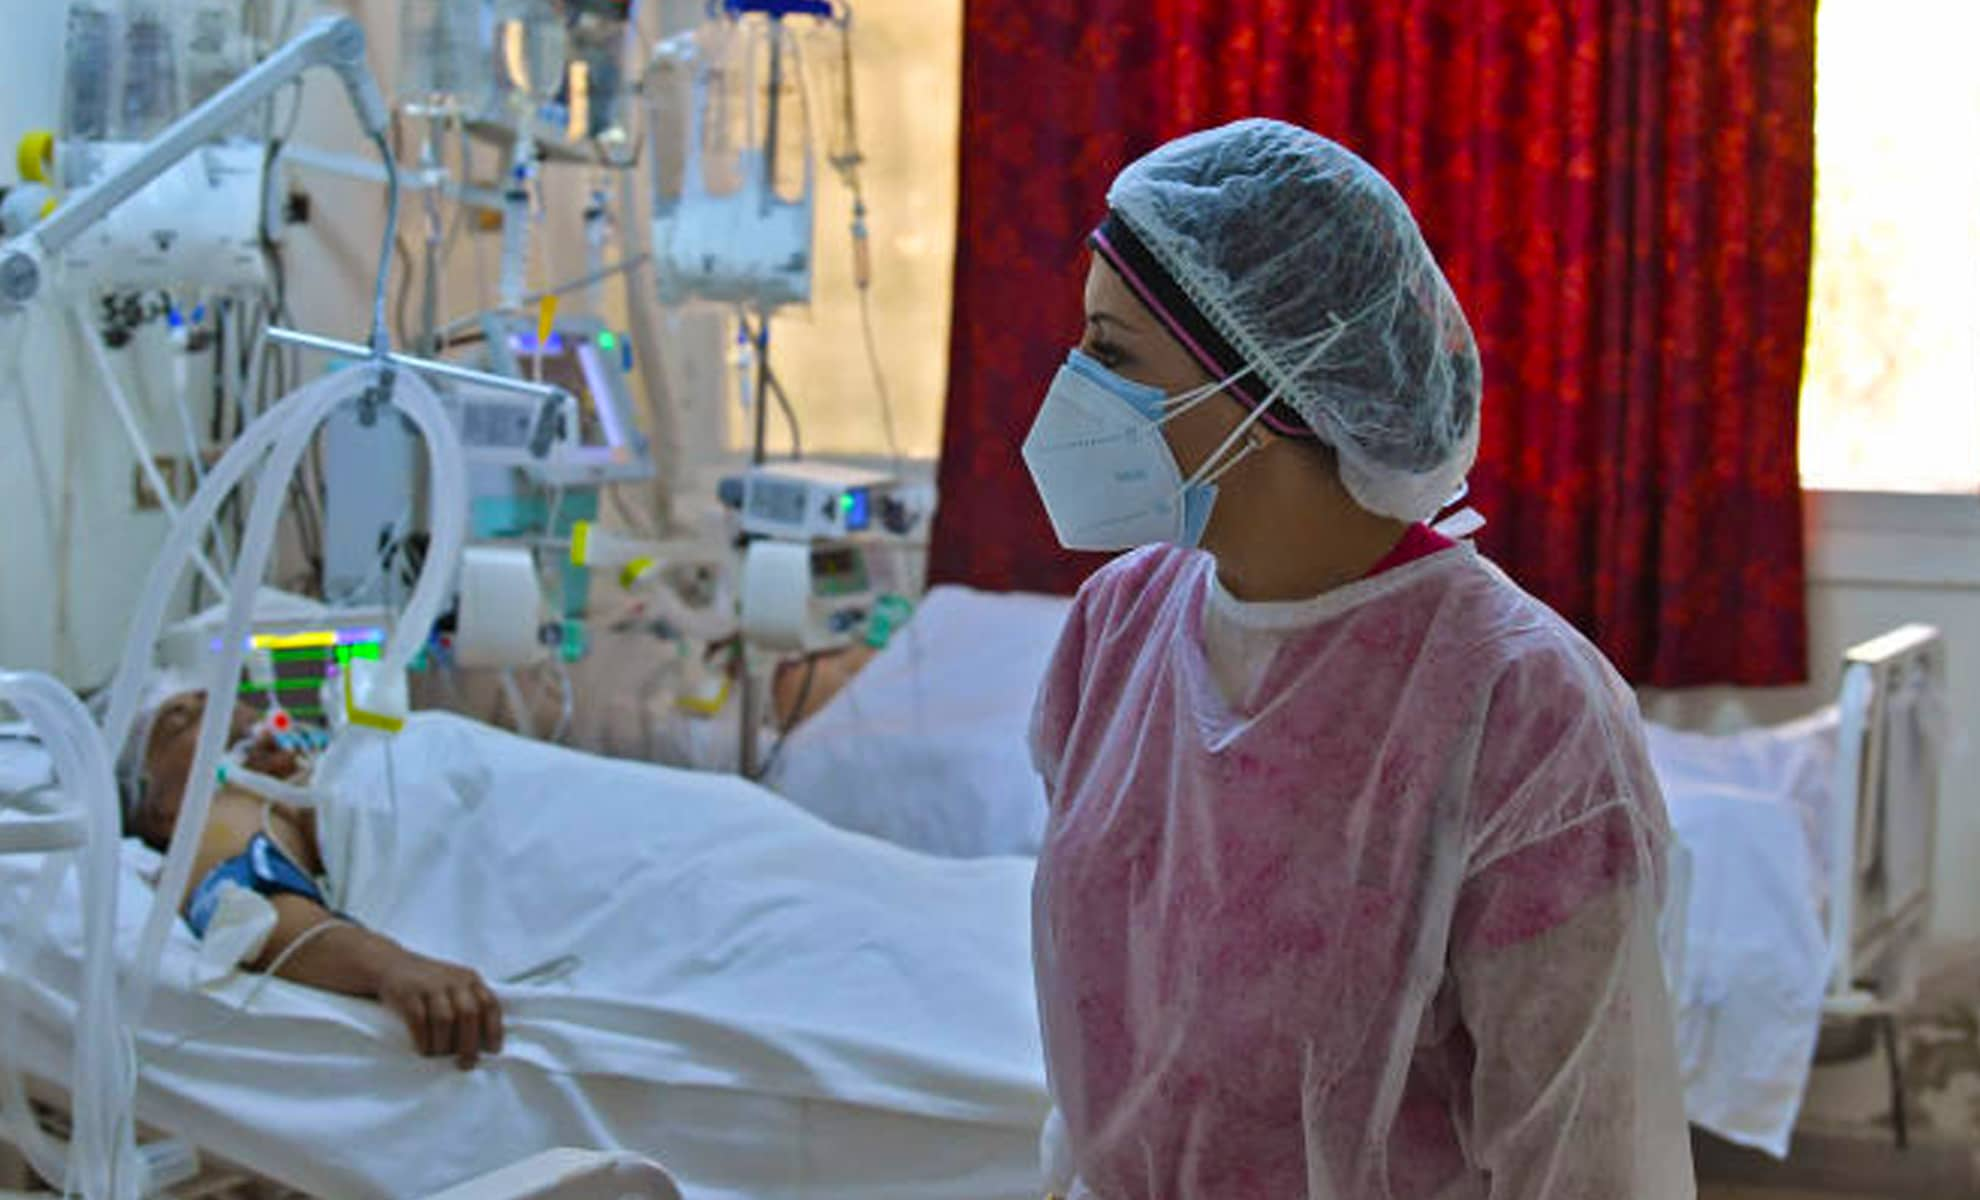 Décrue de la pandémie du Covid-19 en Algérie, au Maroc et en Tunisie